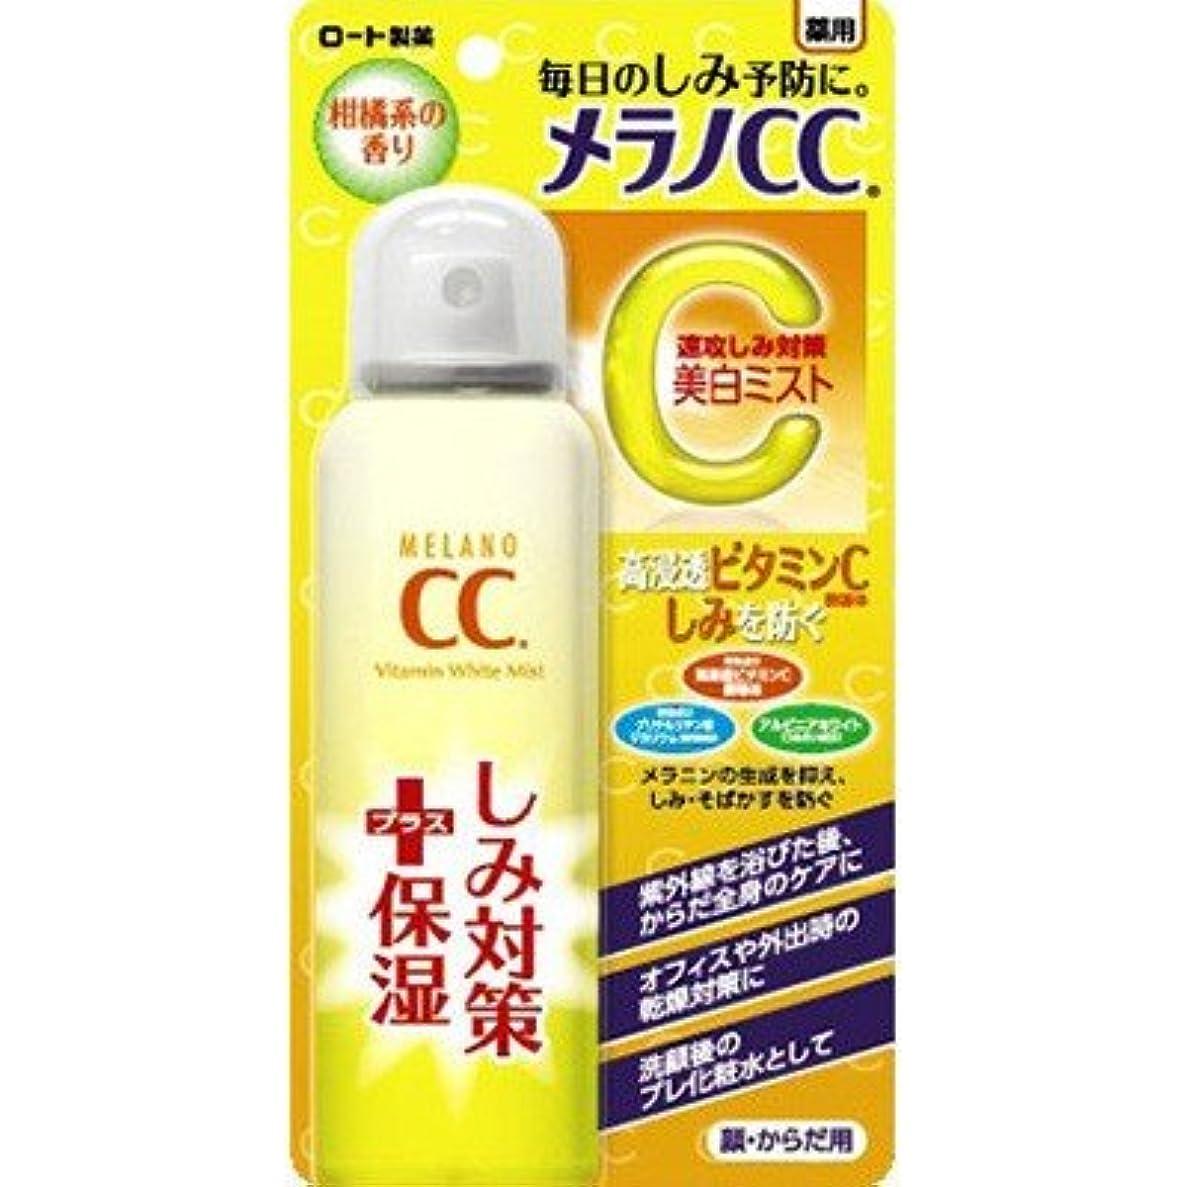 提供摘むグレーメラノCC 薬用 しみ対策 美白ミスト化粧水 100g [並行輸入品]